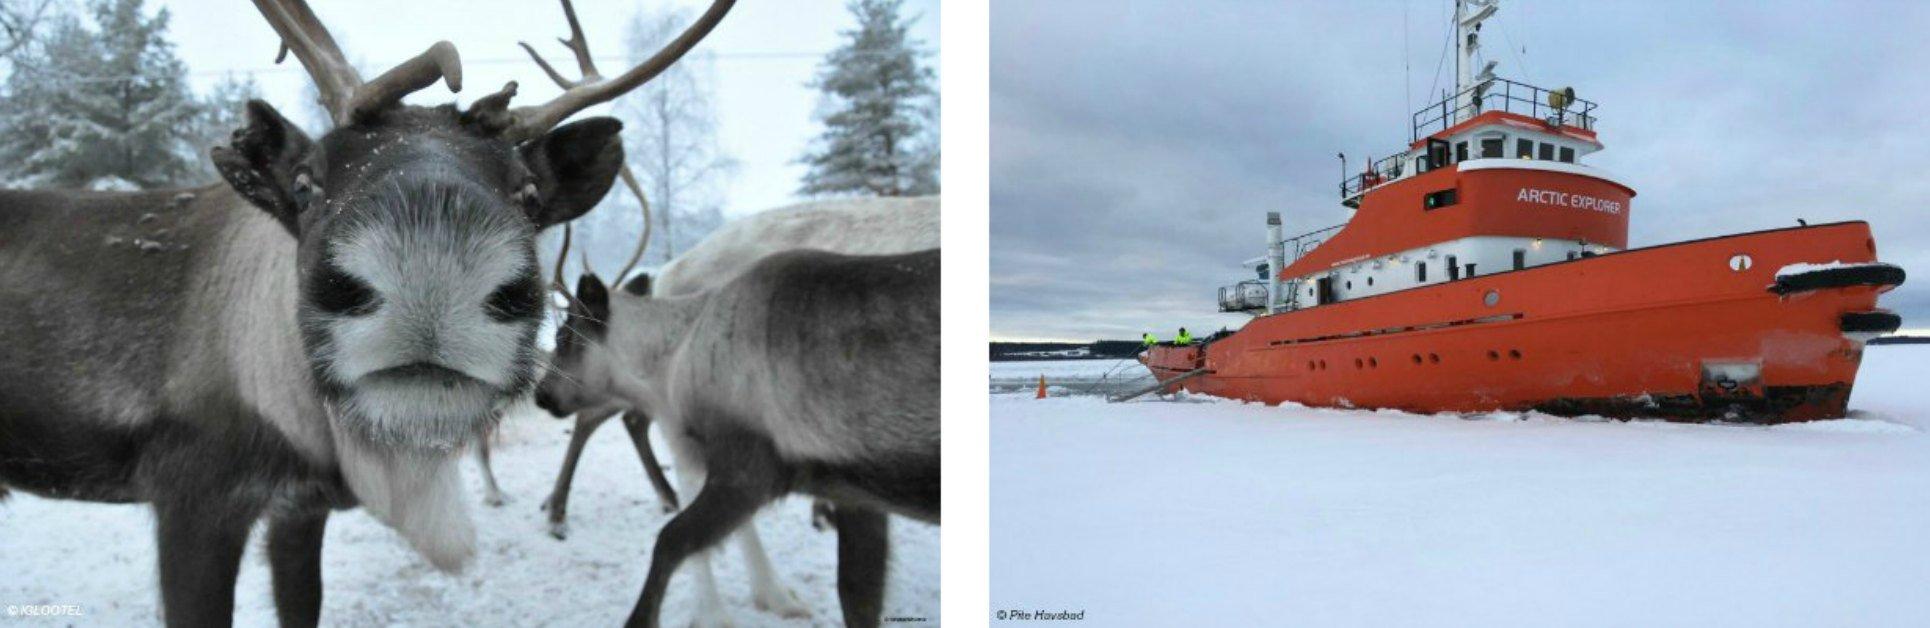 Rentiere und Eisbrecher in Schwedisch Lappland